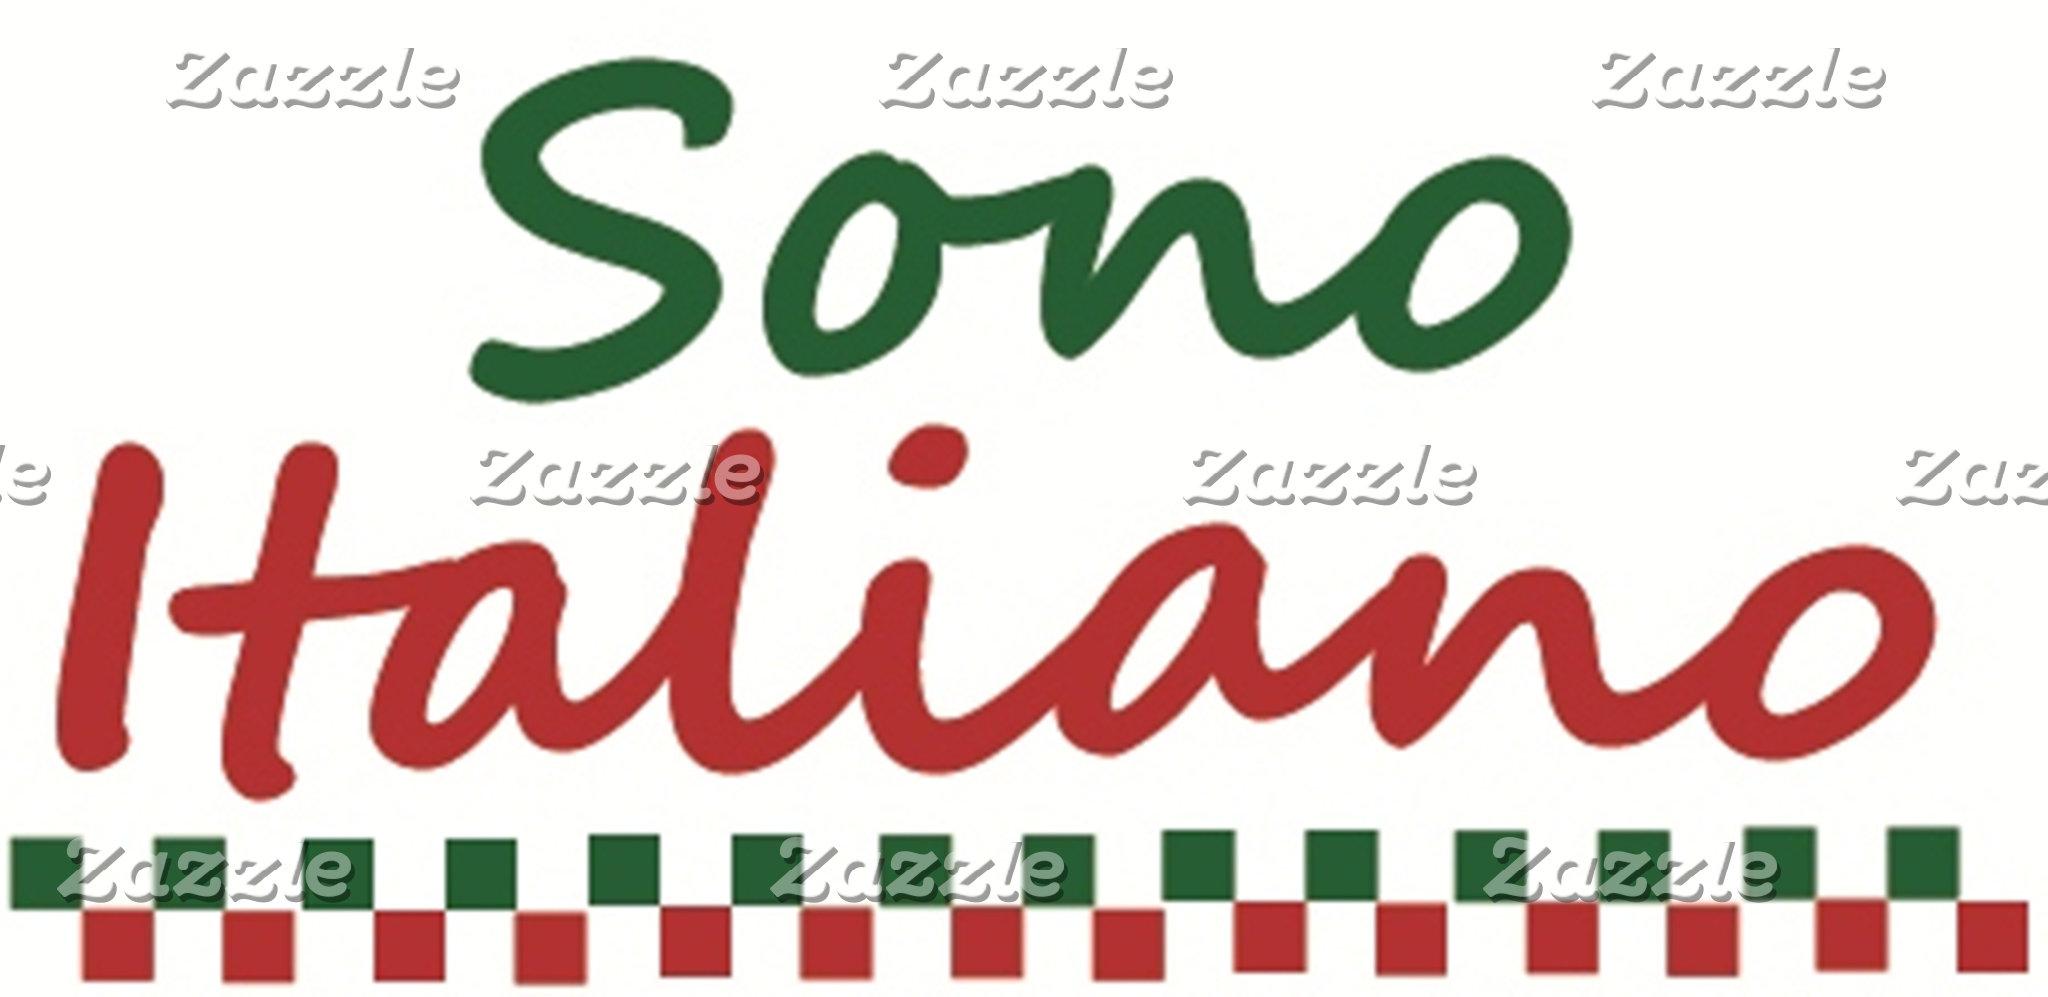 Italian Apparel